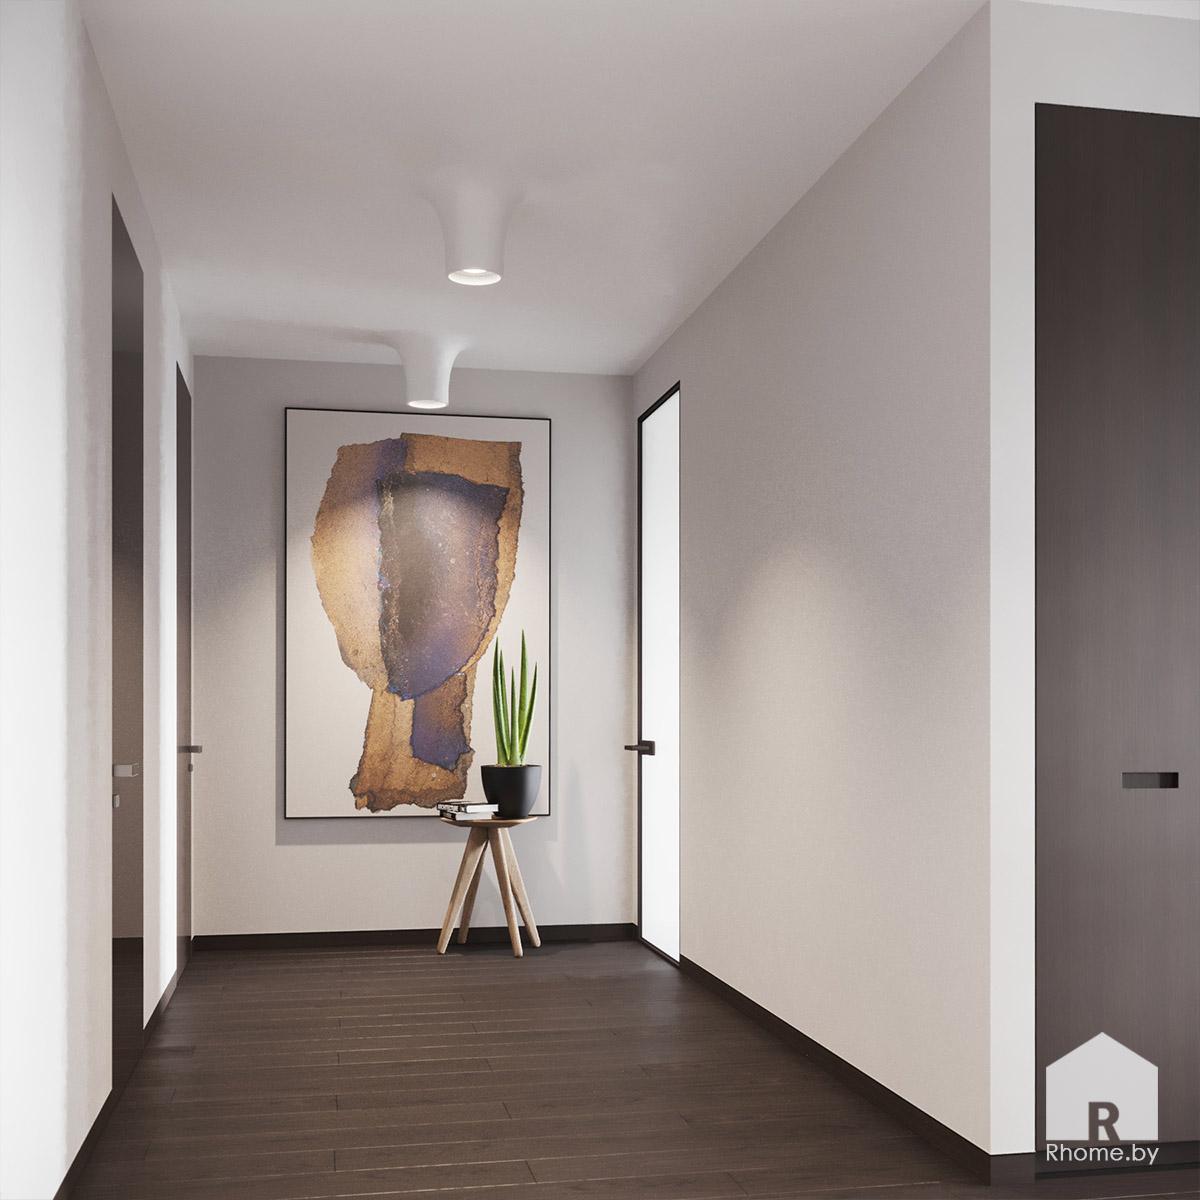 Дизайн интерьера холла в квартире на улице Сторожевская | Дизайн студия – Rhome.by